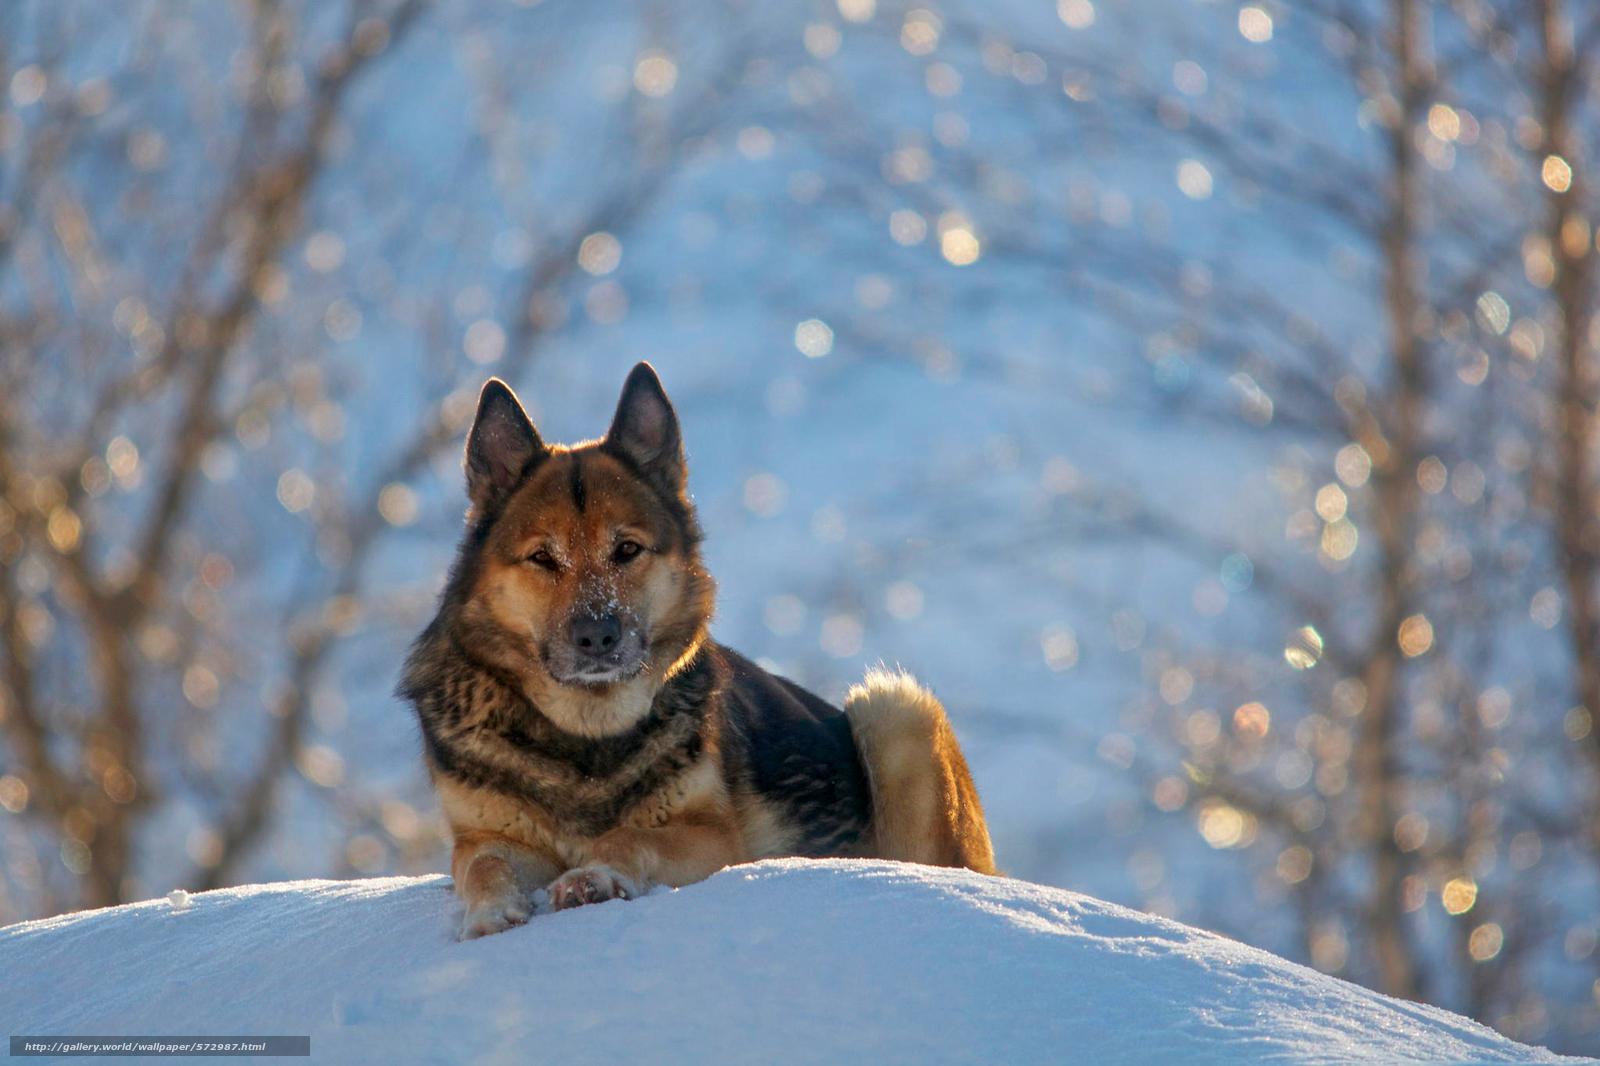 Scaricare gli sfondi natura nevicata pastore tedesco for Immagini inverno sfondi